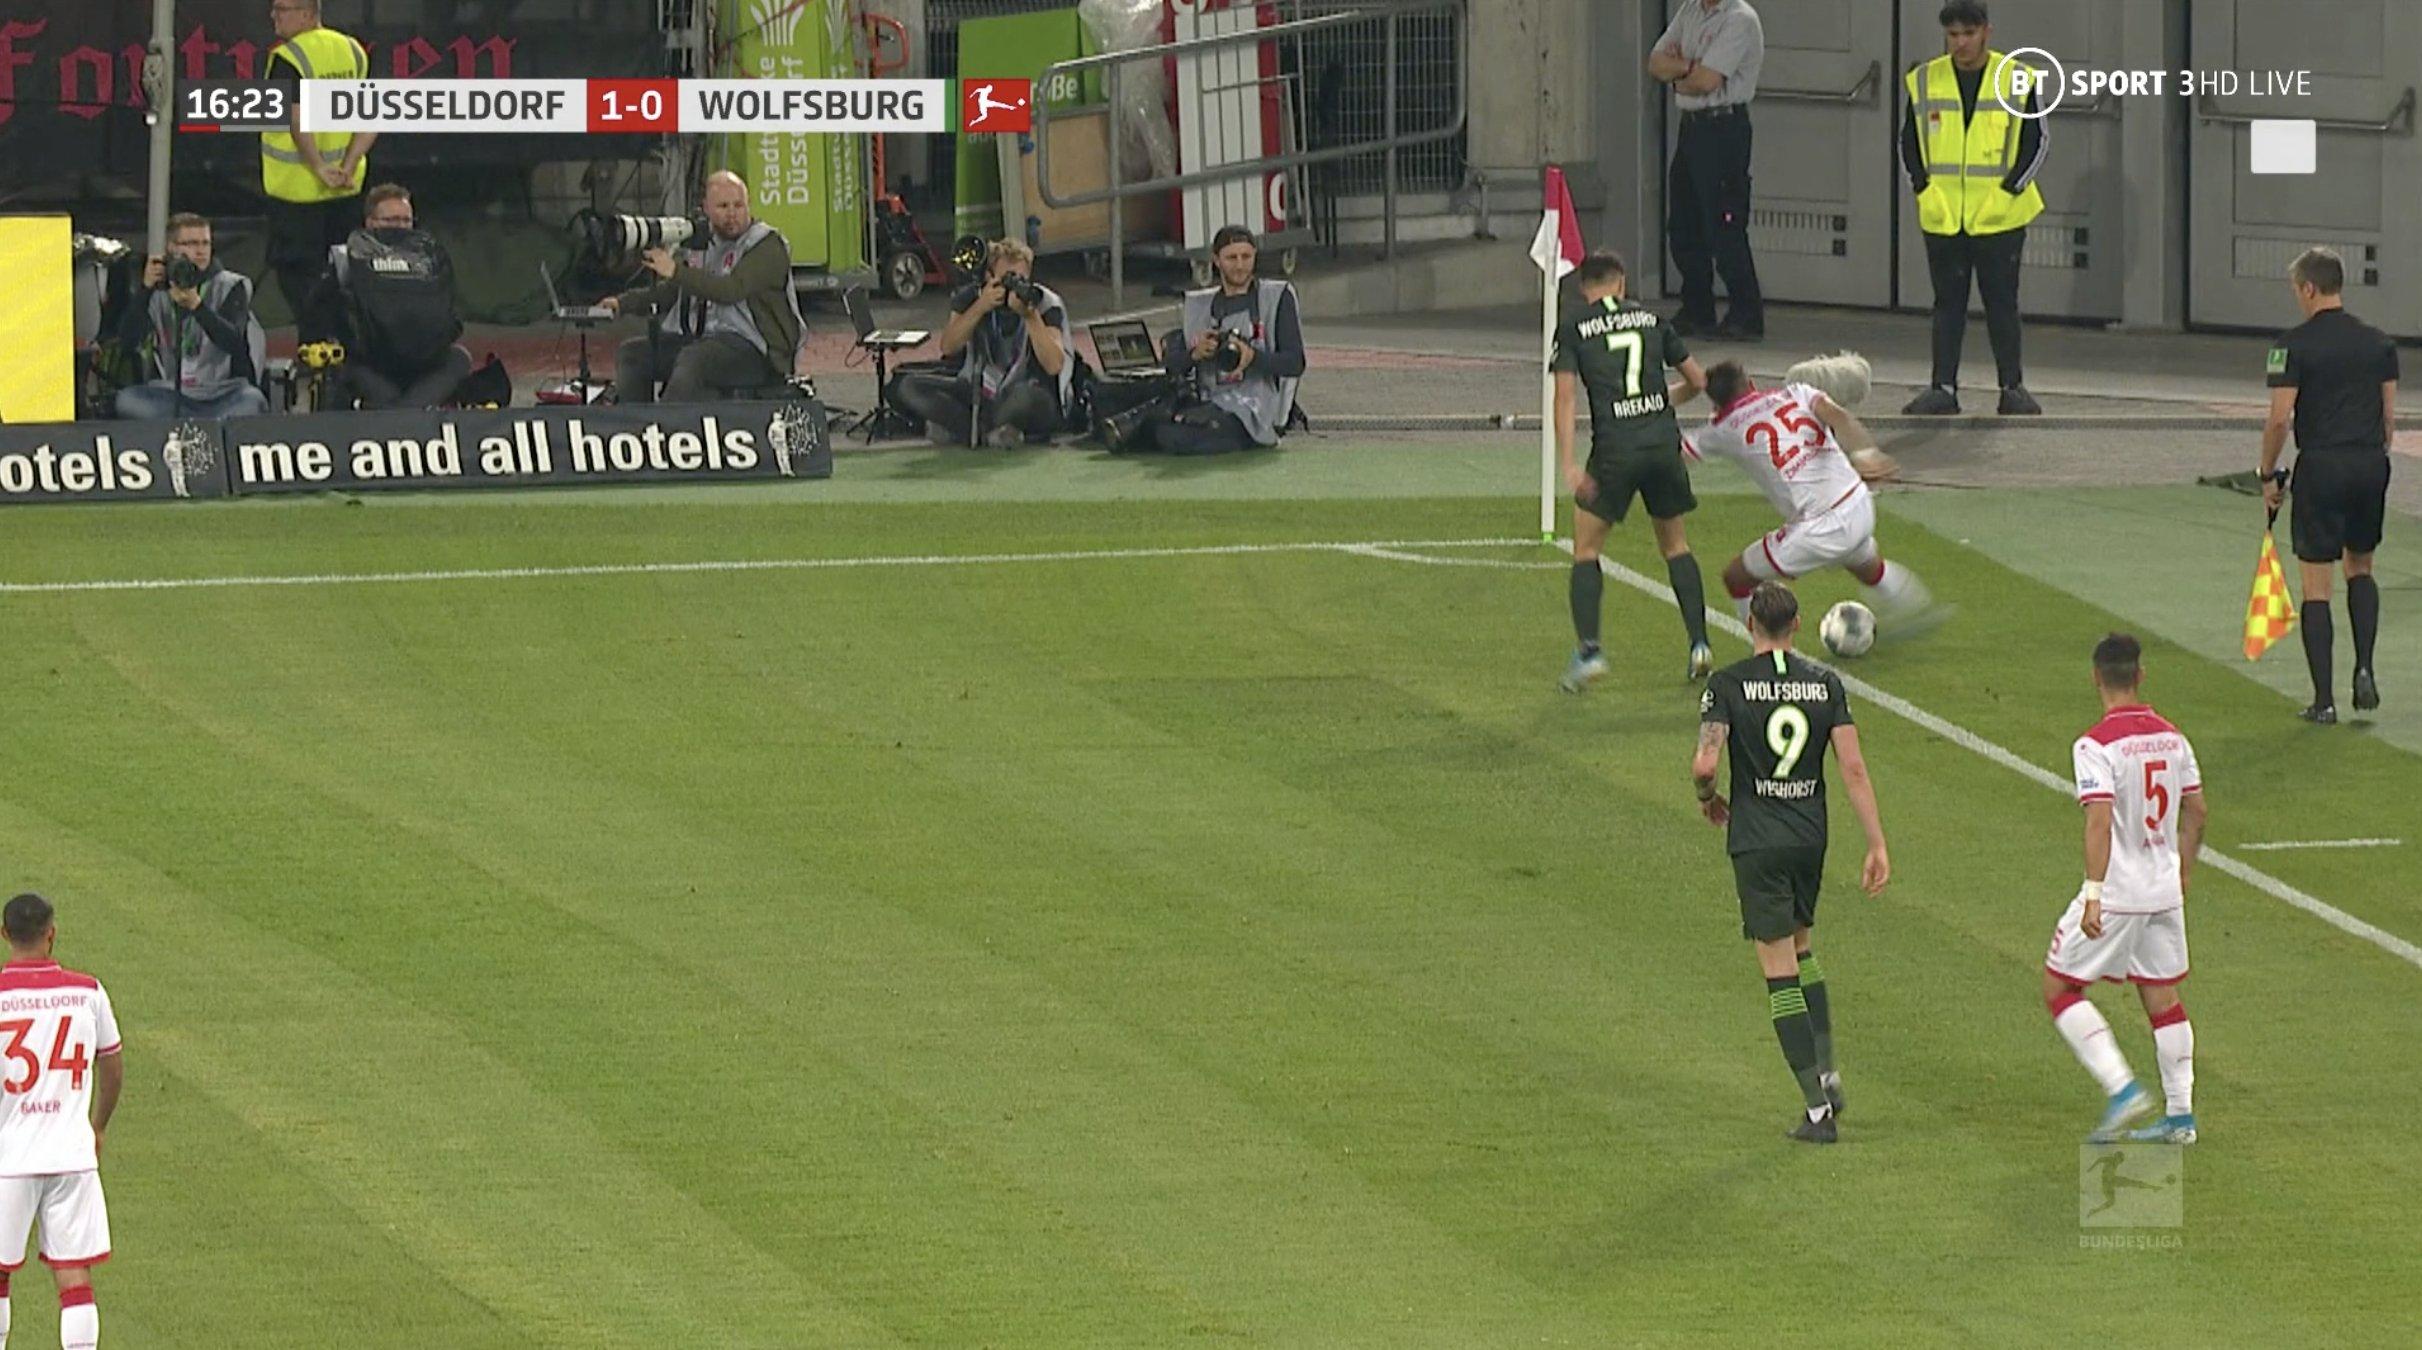 Бундеслига. Вольфсбург не смог выиграть у Фортуны перед матчем с Александрией - изображение 1